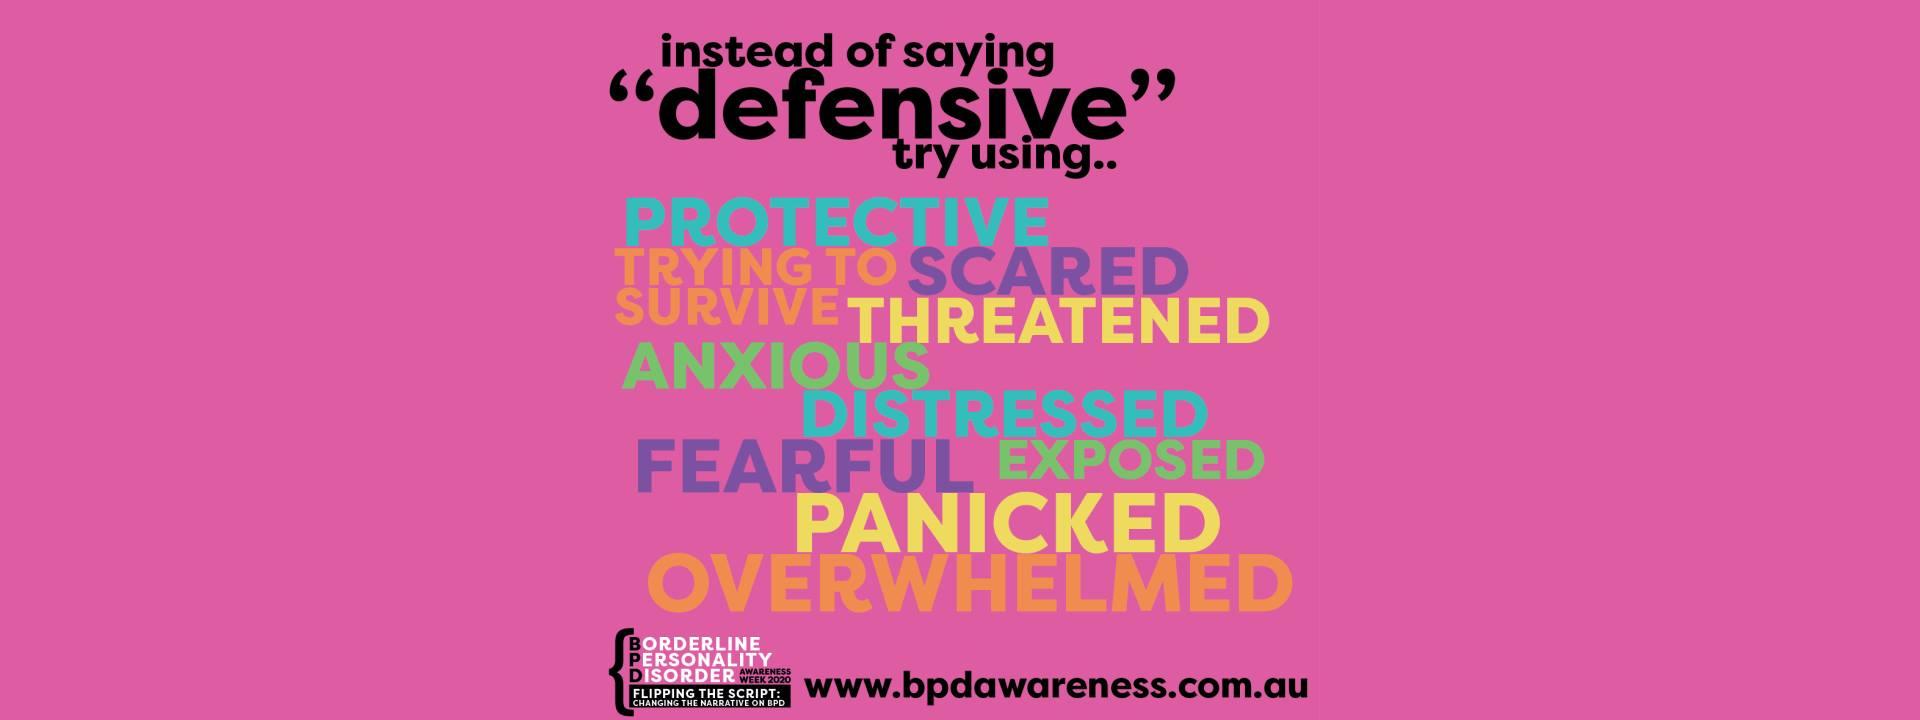 BPD Awareness Week - Not Defensive